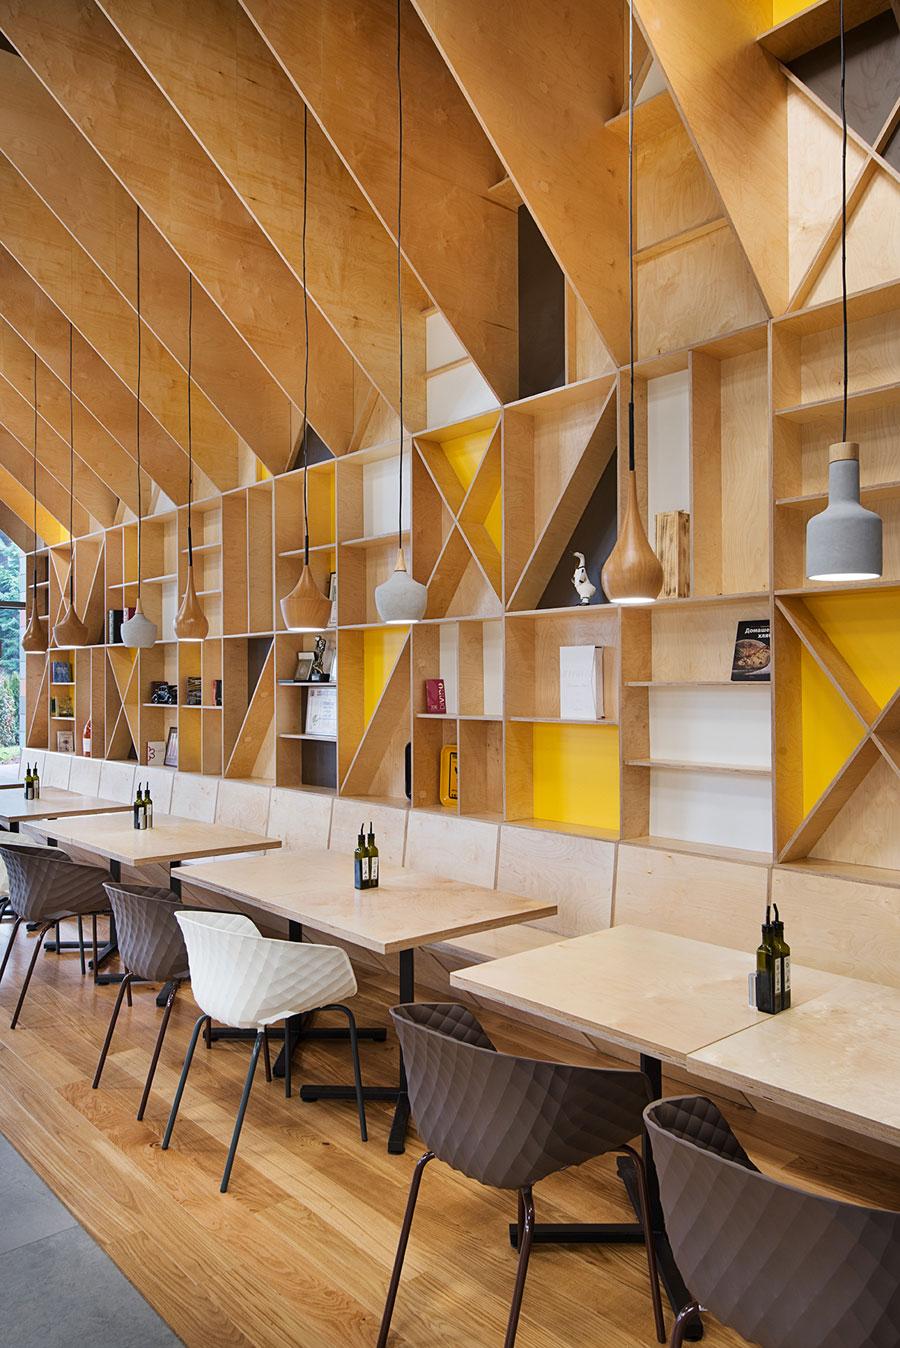 thiết kế quán trà sữa nhỏ đẹp lung linh ảnh 32